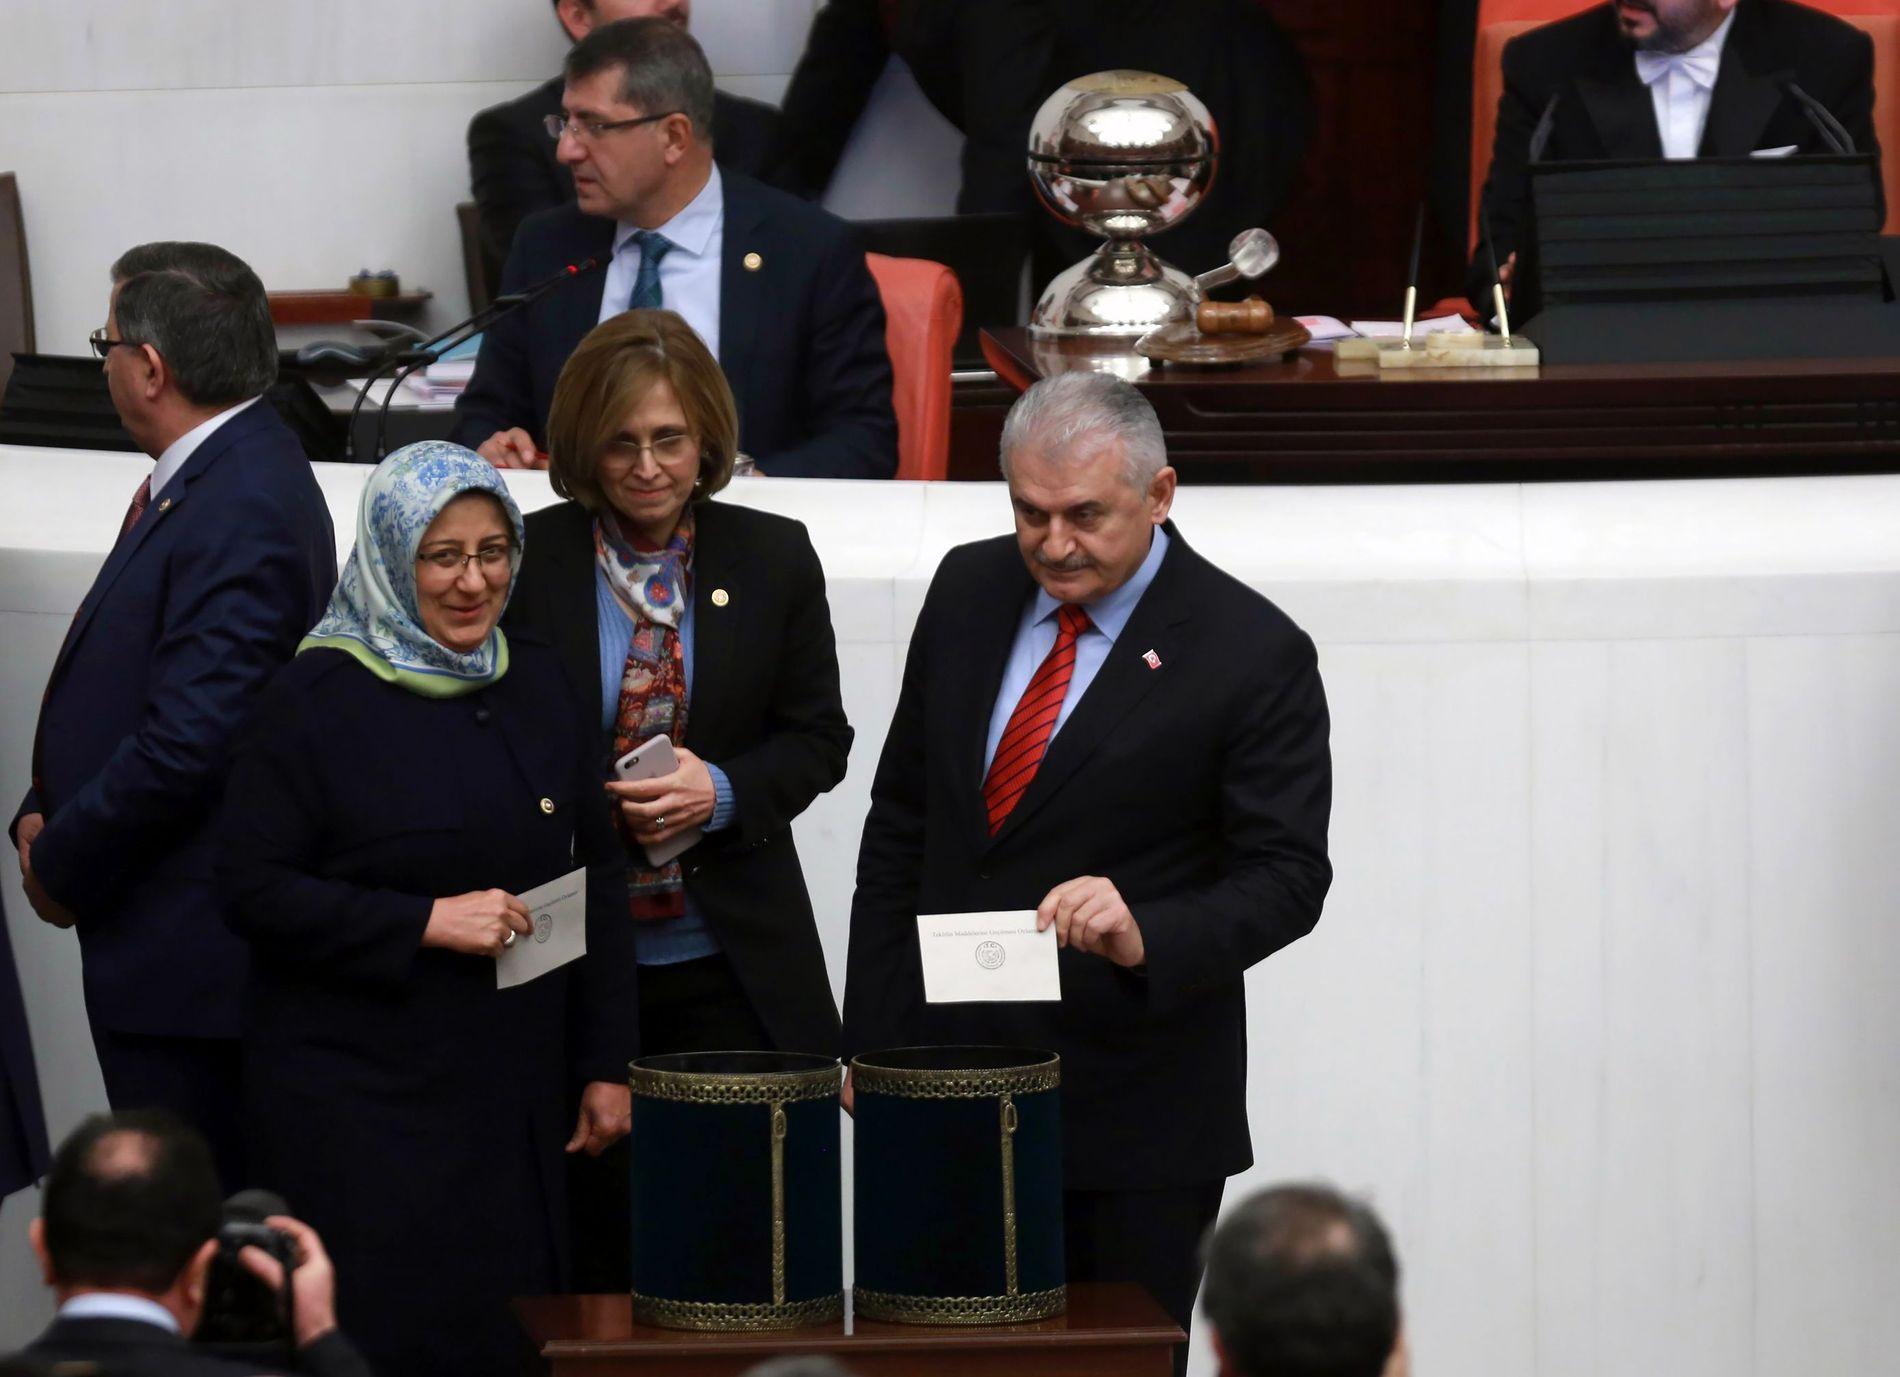 STEMTE FORAN ALLE: Statsminister Binali Yildirim mister den utøvende makten dersom grunnloven endres, men valgte like fullt å vise alle at han stemte for forslaget.